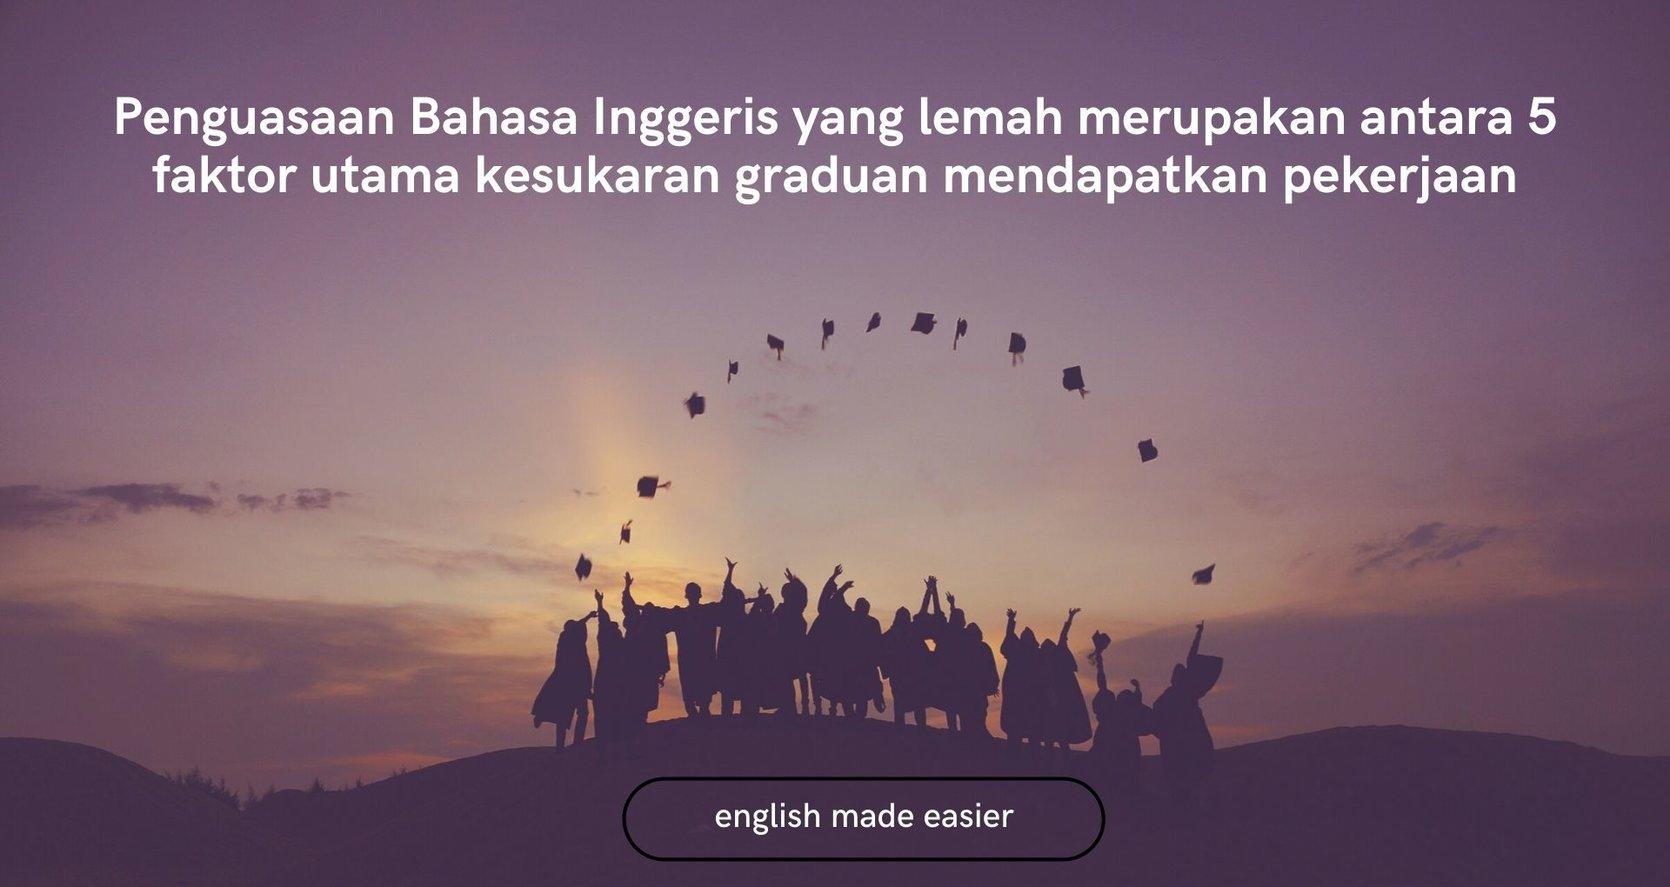 Tidak Mempunyai Kemahiran Berbahasa Inggeris Salah Satu Punca Graduan Tidak Mendapat Pekerjaan